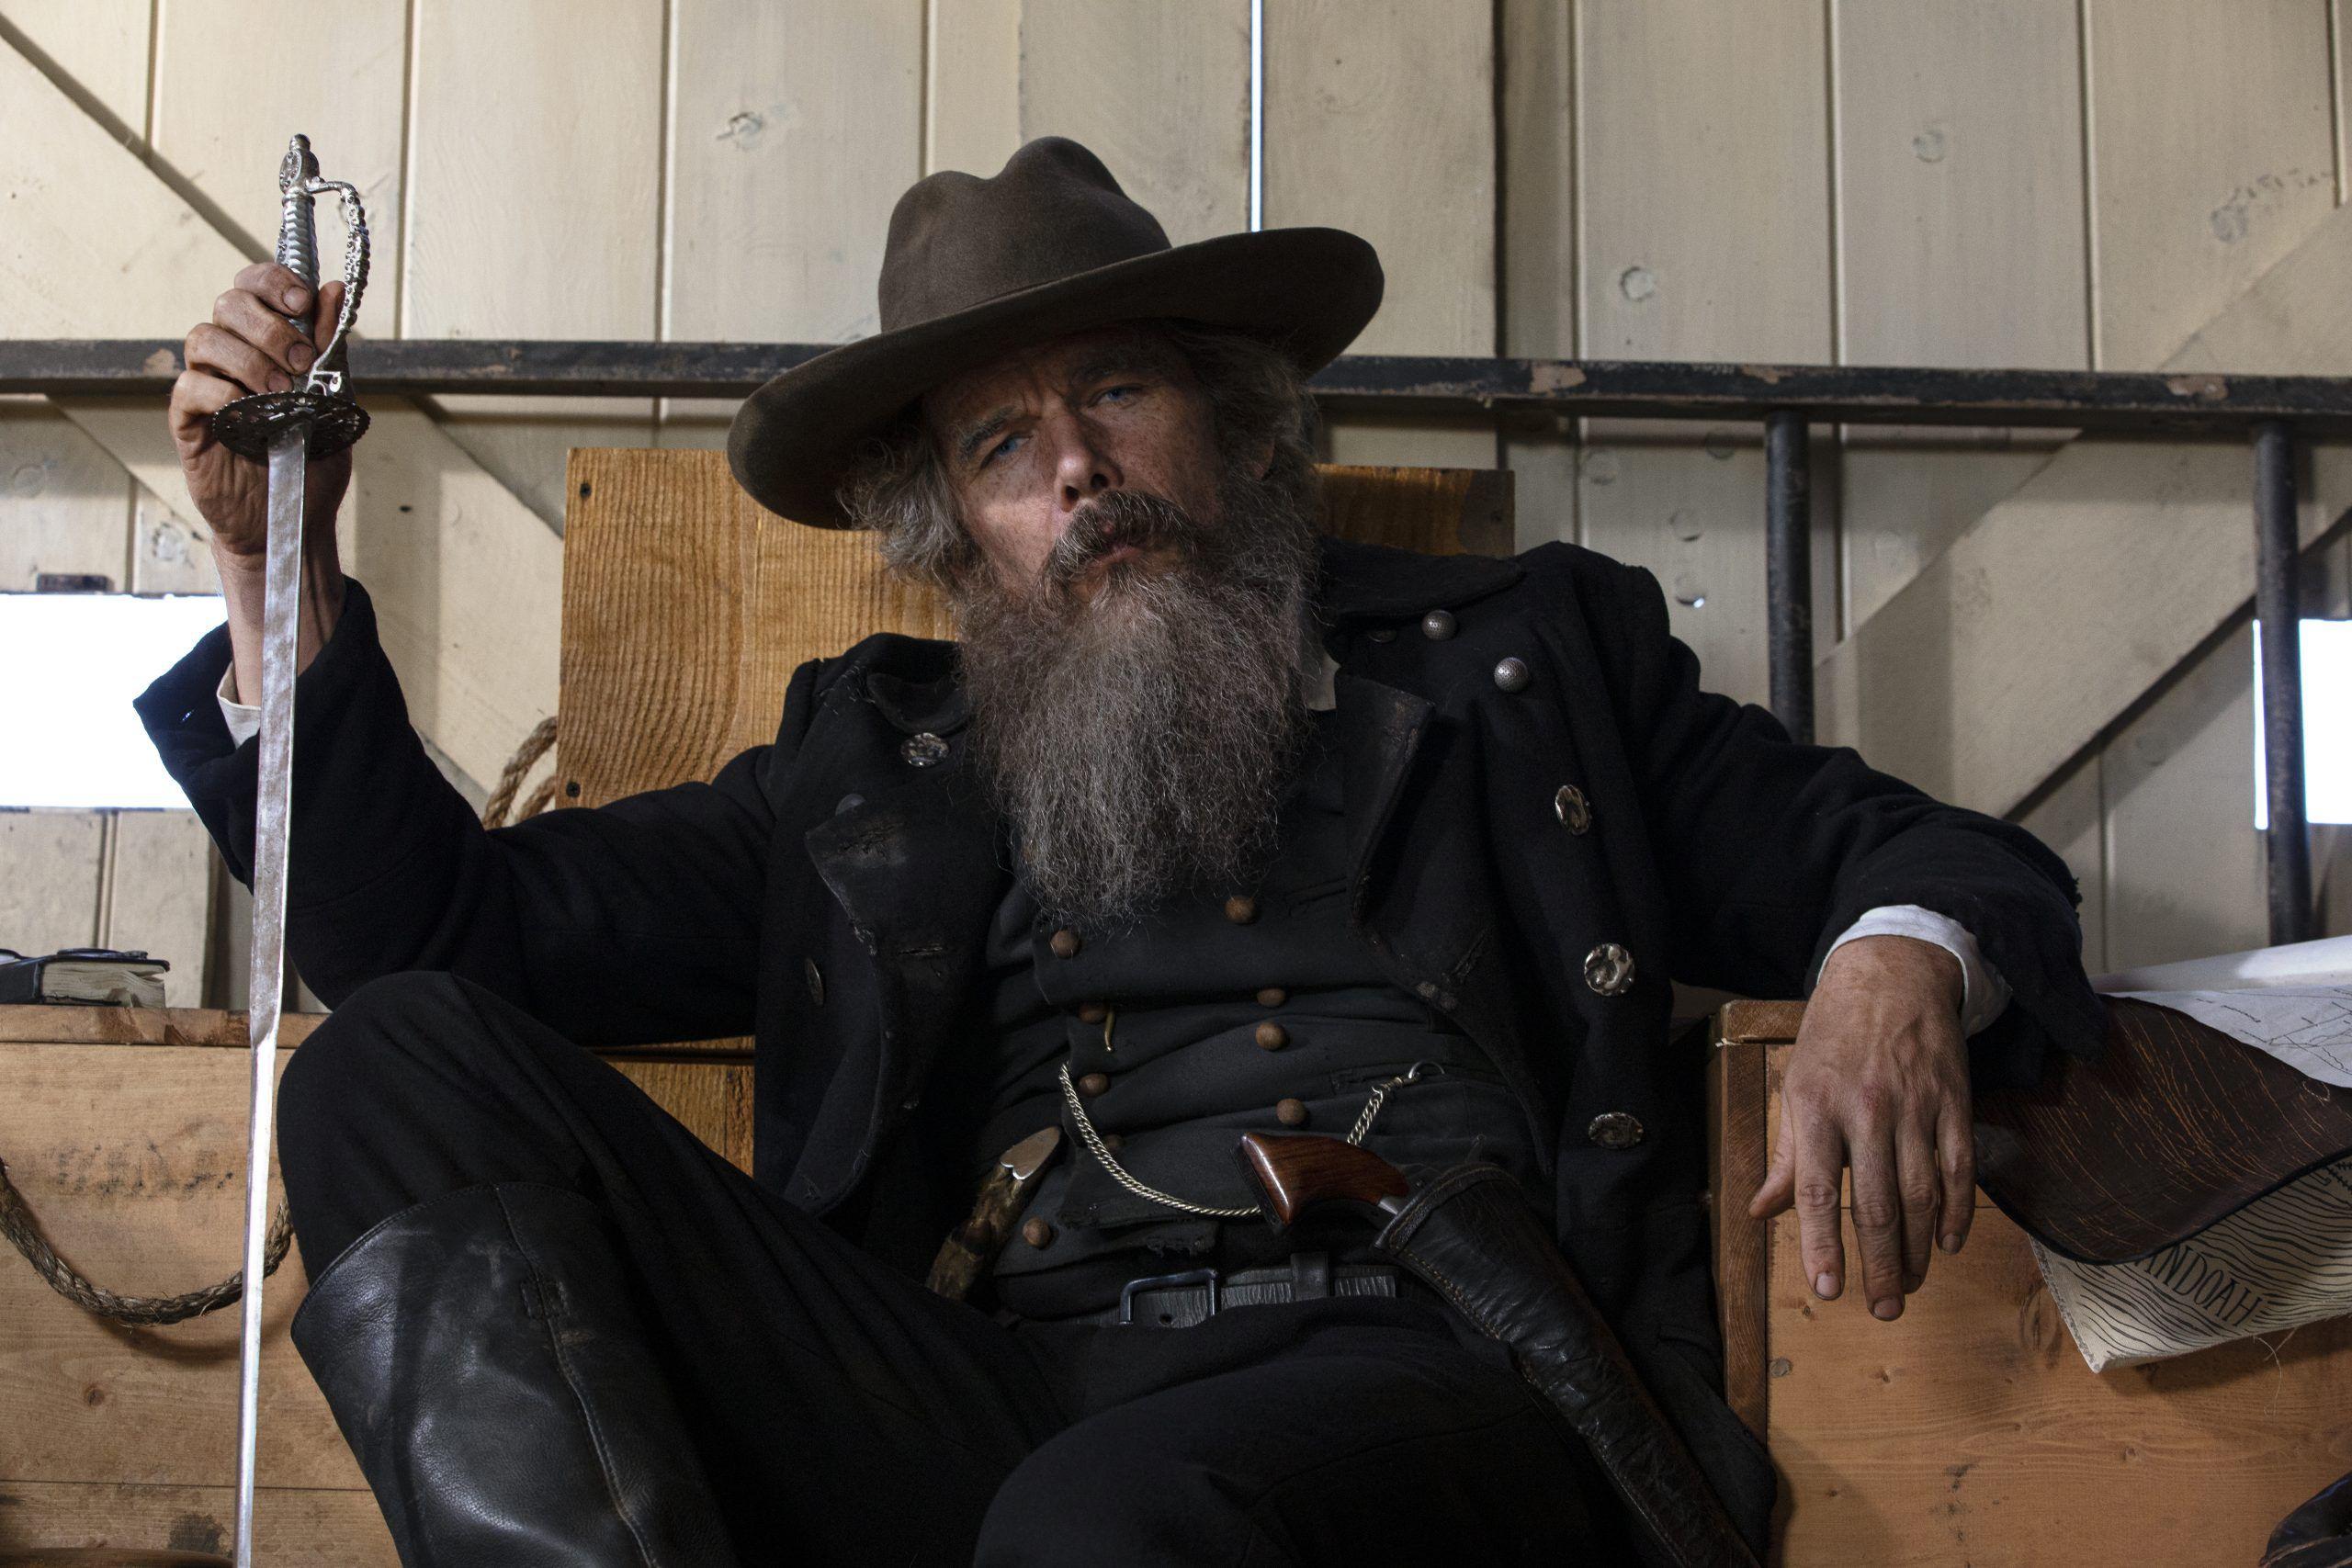 Cena da minissérie The Good Lord Bird. A cena mostra o personagem principal, interpretado por Ethan Hawke, sentado em uma cadeira, com uma espada na mão esquerda. Ele usa chapéu escuro, tem uma barba gigante e cinza e não tem uma aparência limpa